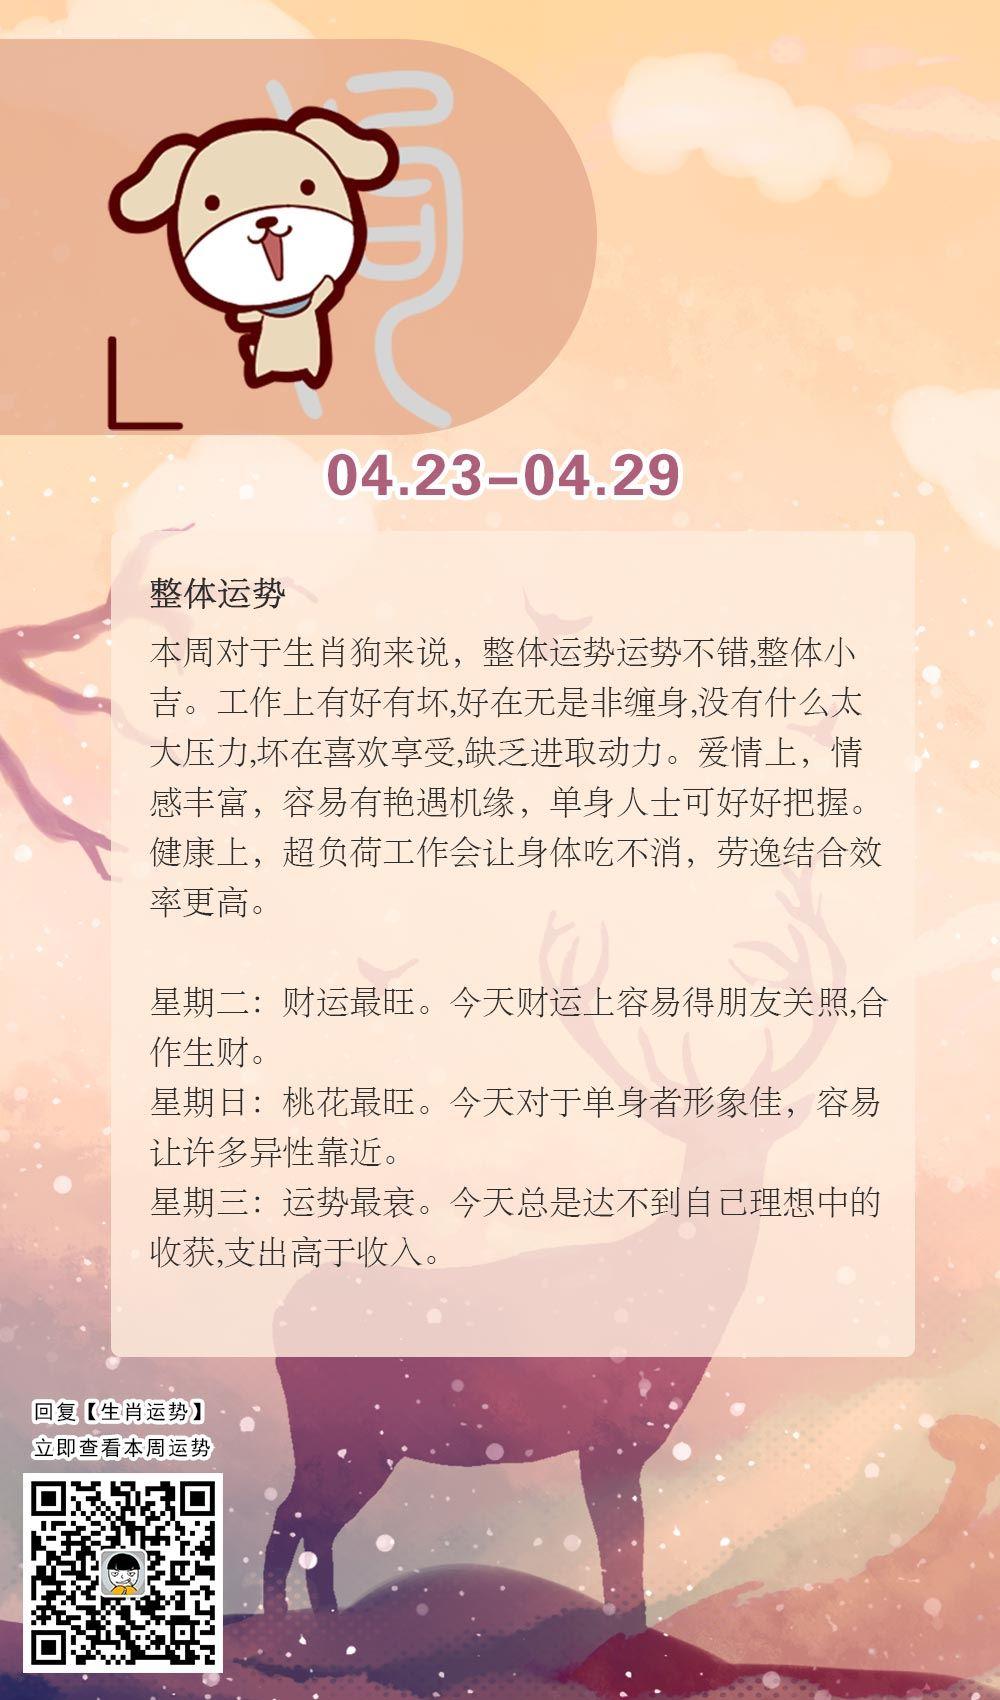 生肖狗本周运势【2018.04.23-04.29】